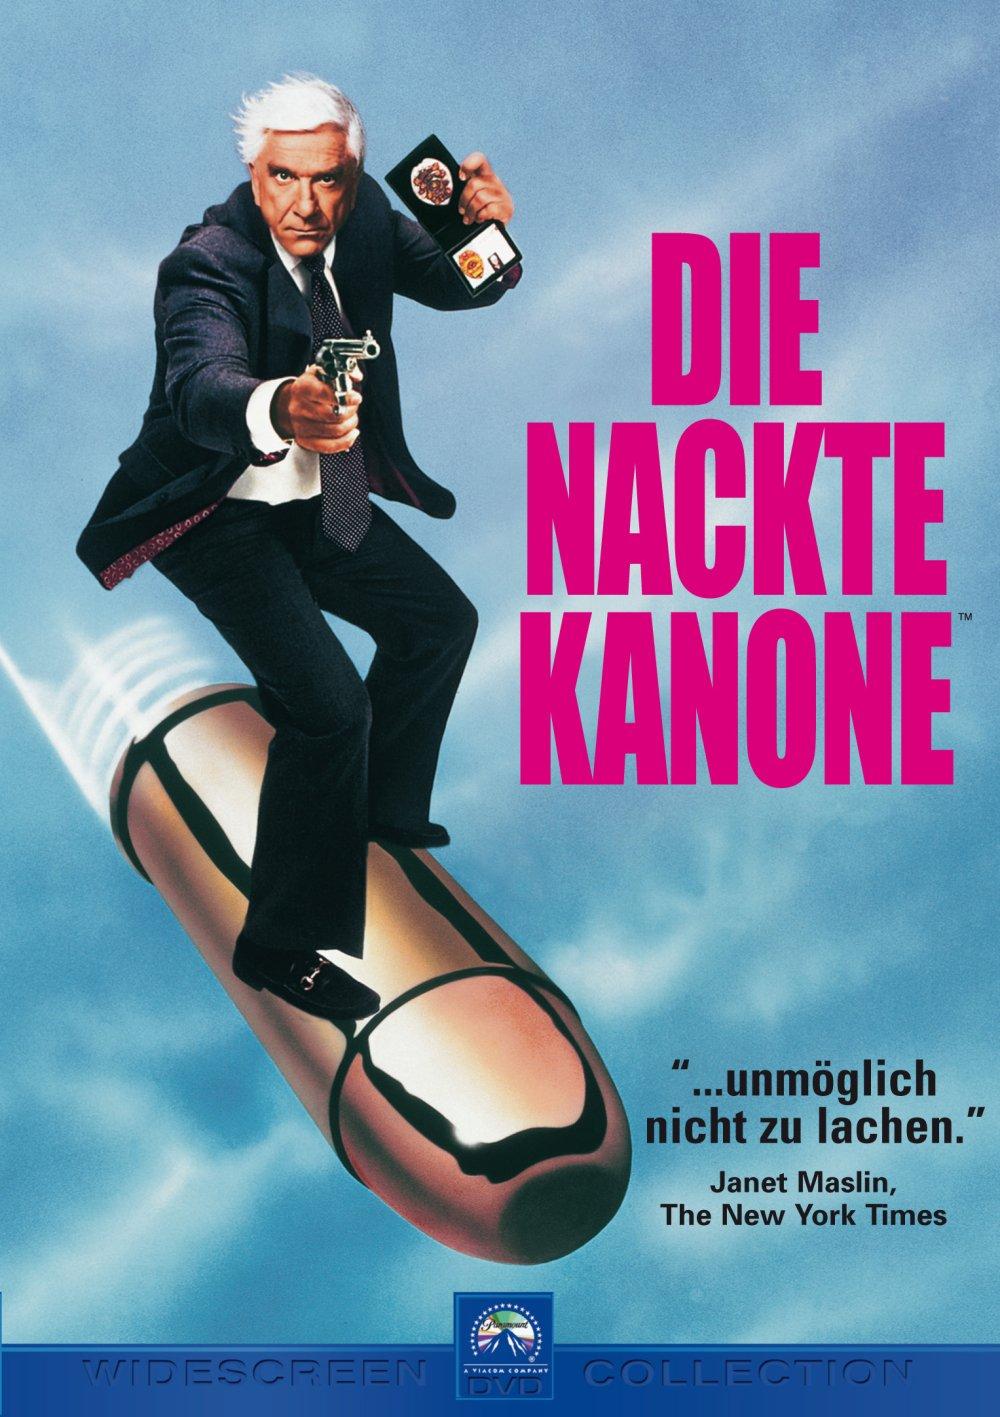 Frank Drebin